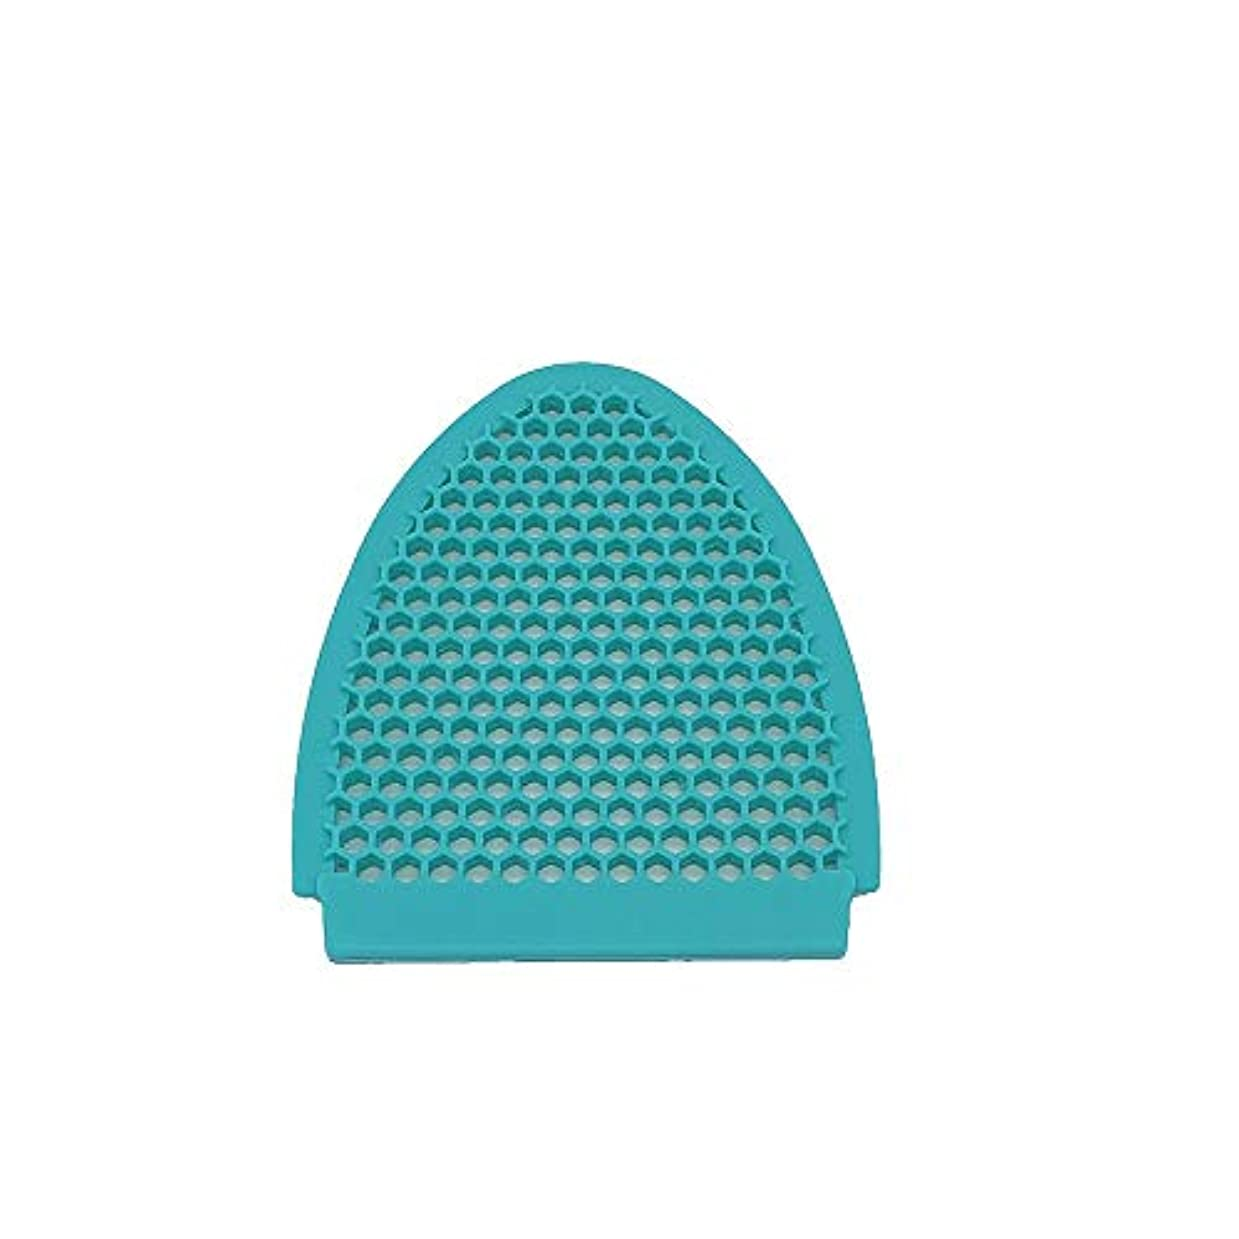 排他的フェードアウト鉱夫5個セット シリコンブラシ シリコンスポンジ 洗顔 体洗い 多機能 角質除去 毛穴清潔 洗顔用フェイスブラシ (Color : Green)